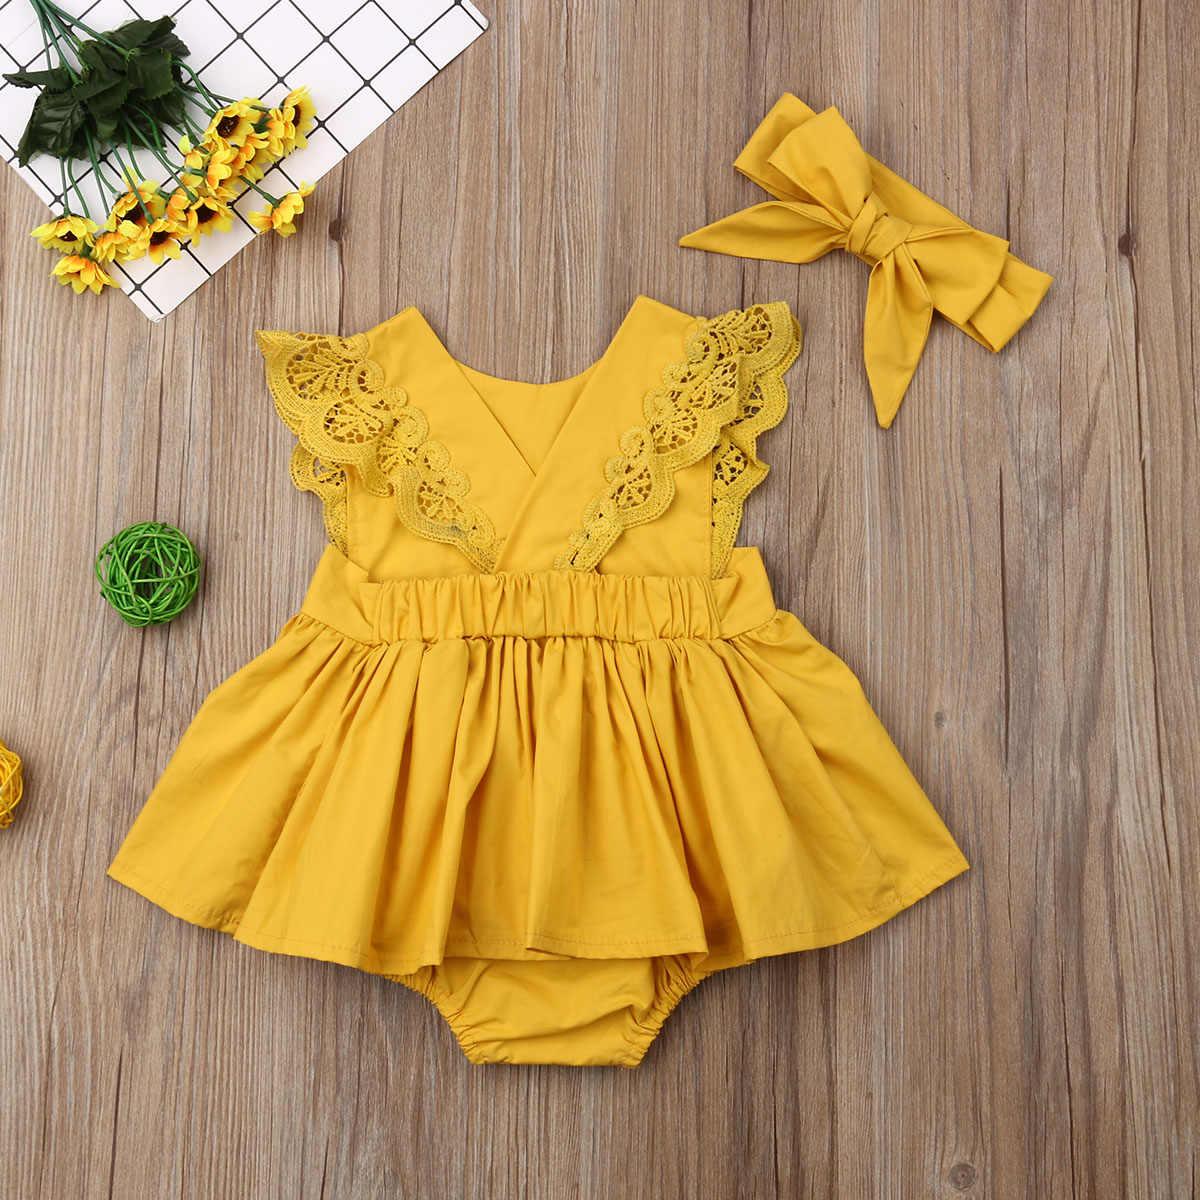 OHQ Kleinkind Baby M/ädchen Kleid Spitze R/üschen Kleider /Ärmellos Taste Hohl Prinzessin Sommerkleid Urlaub Outfit Kleidung